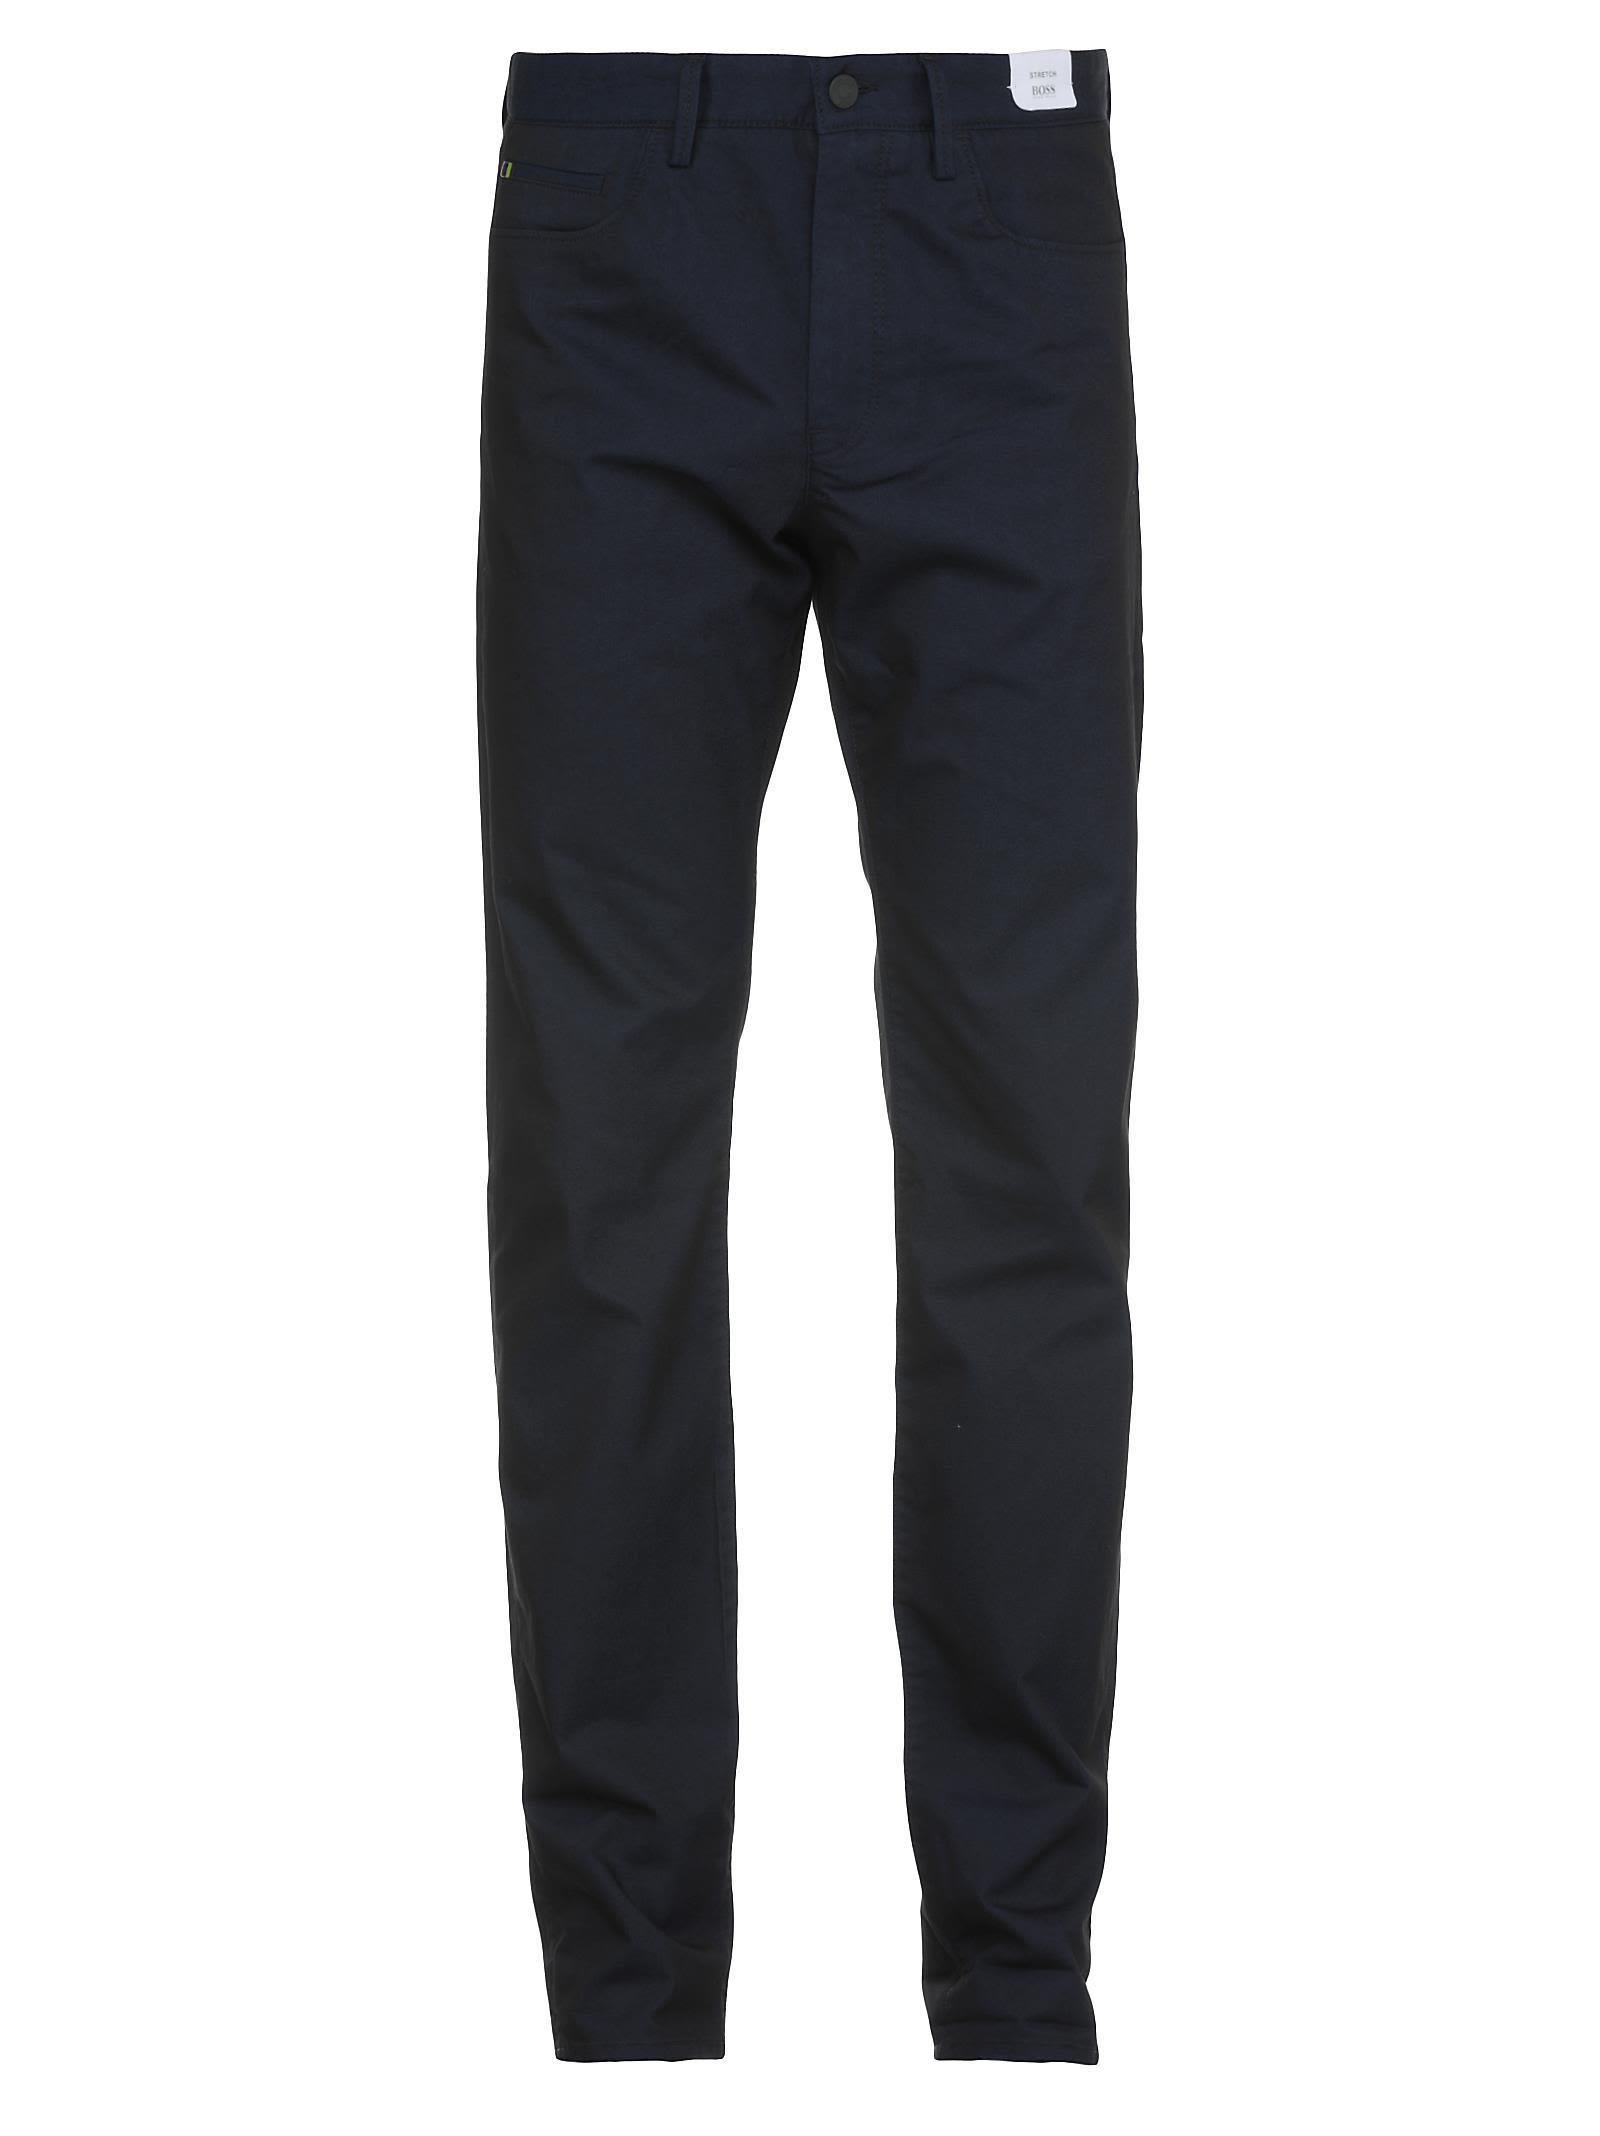 Hugo Boss Lester 20 Trousers